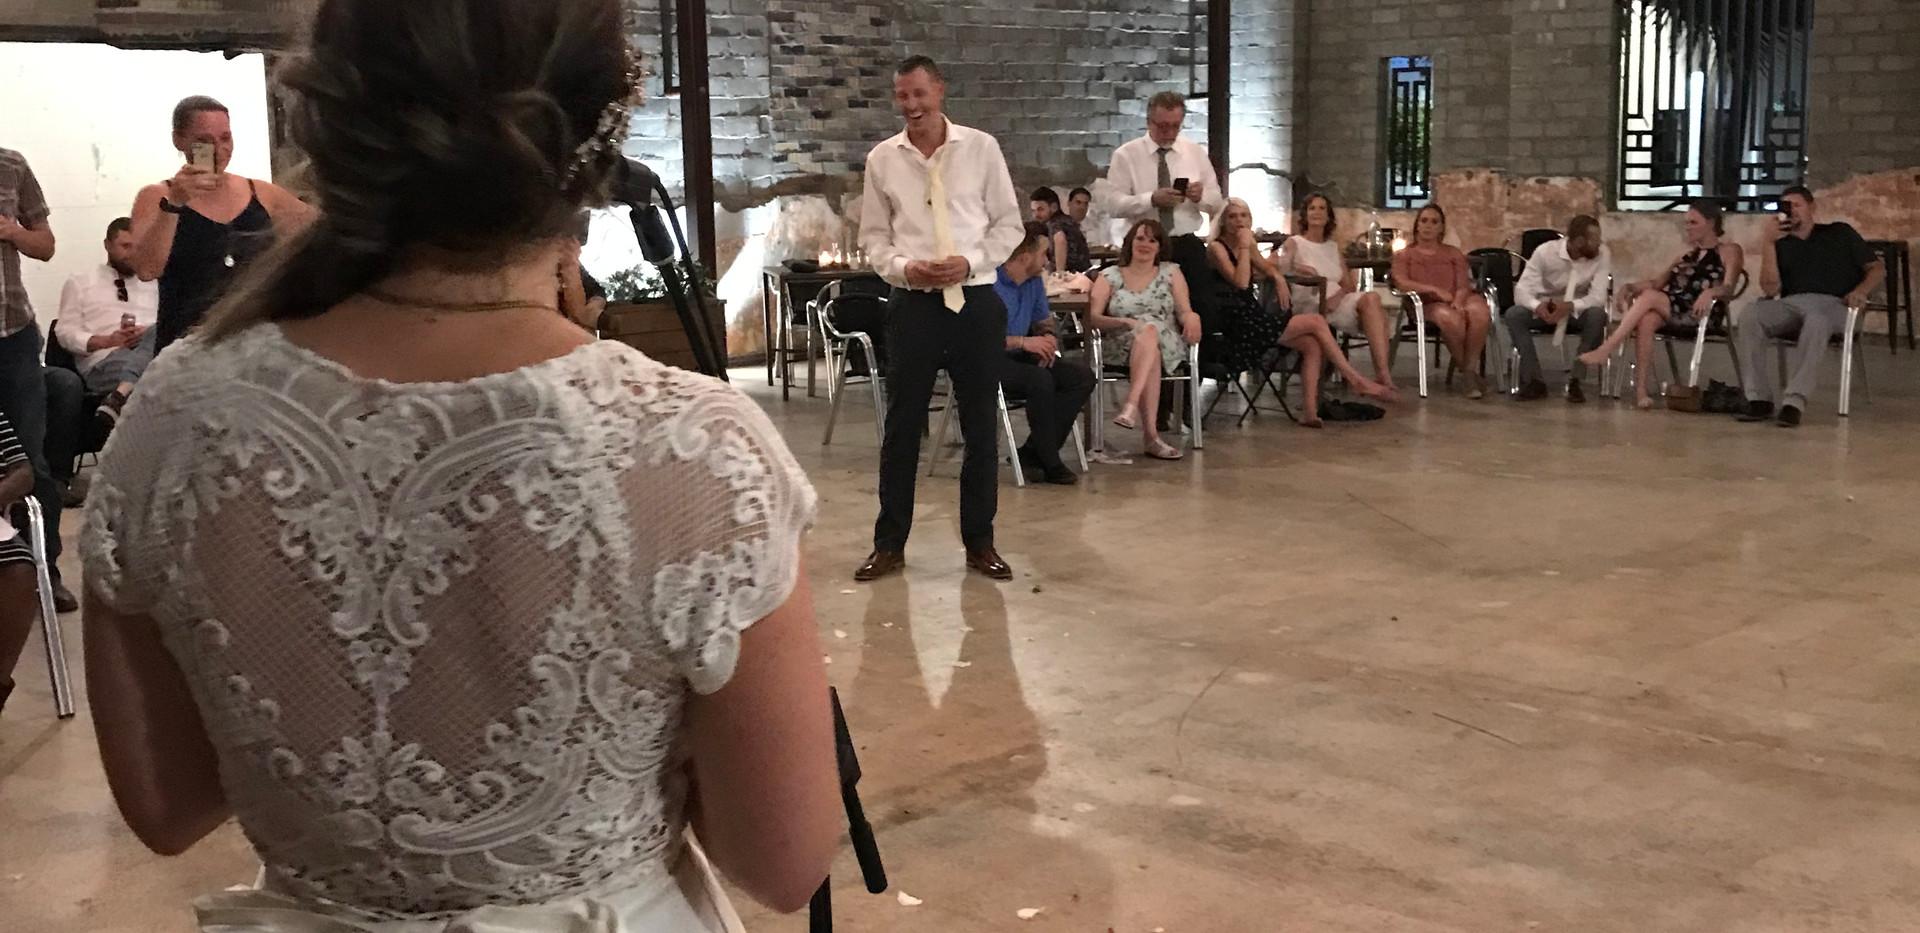 Wedding DJ North Texas